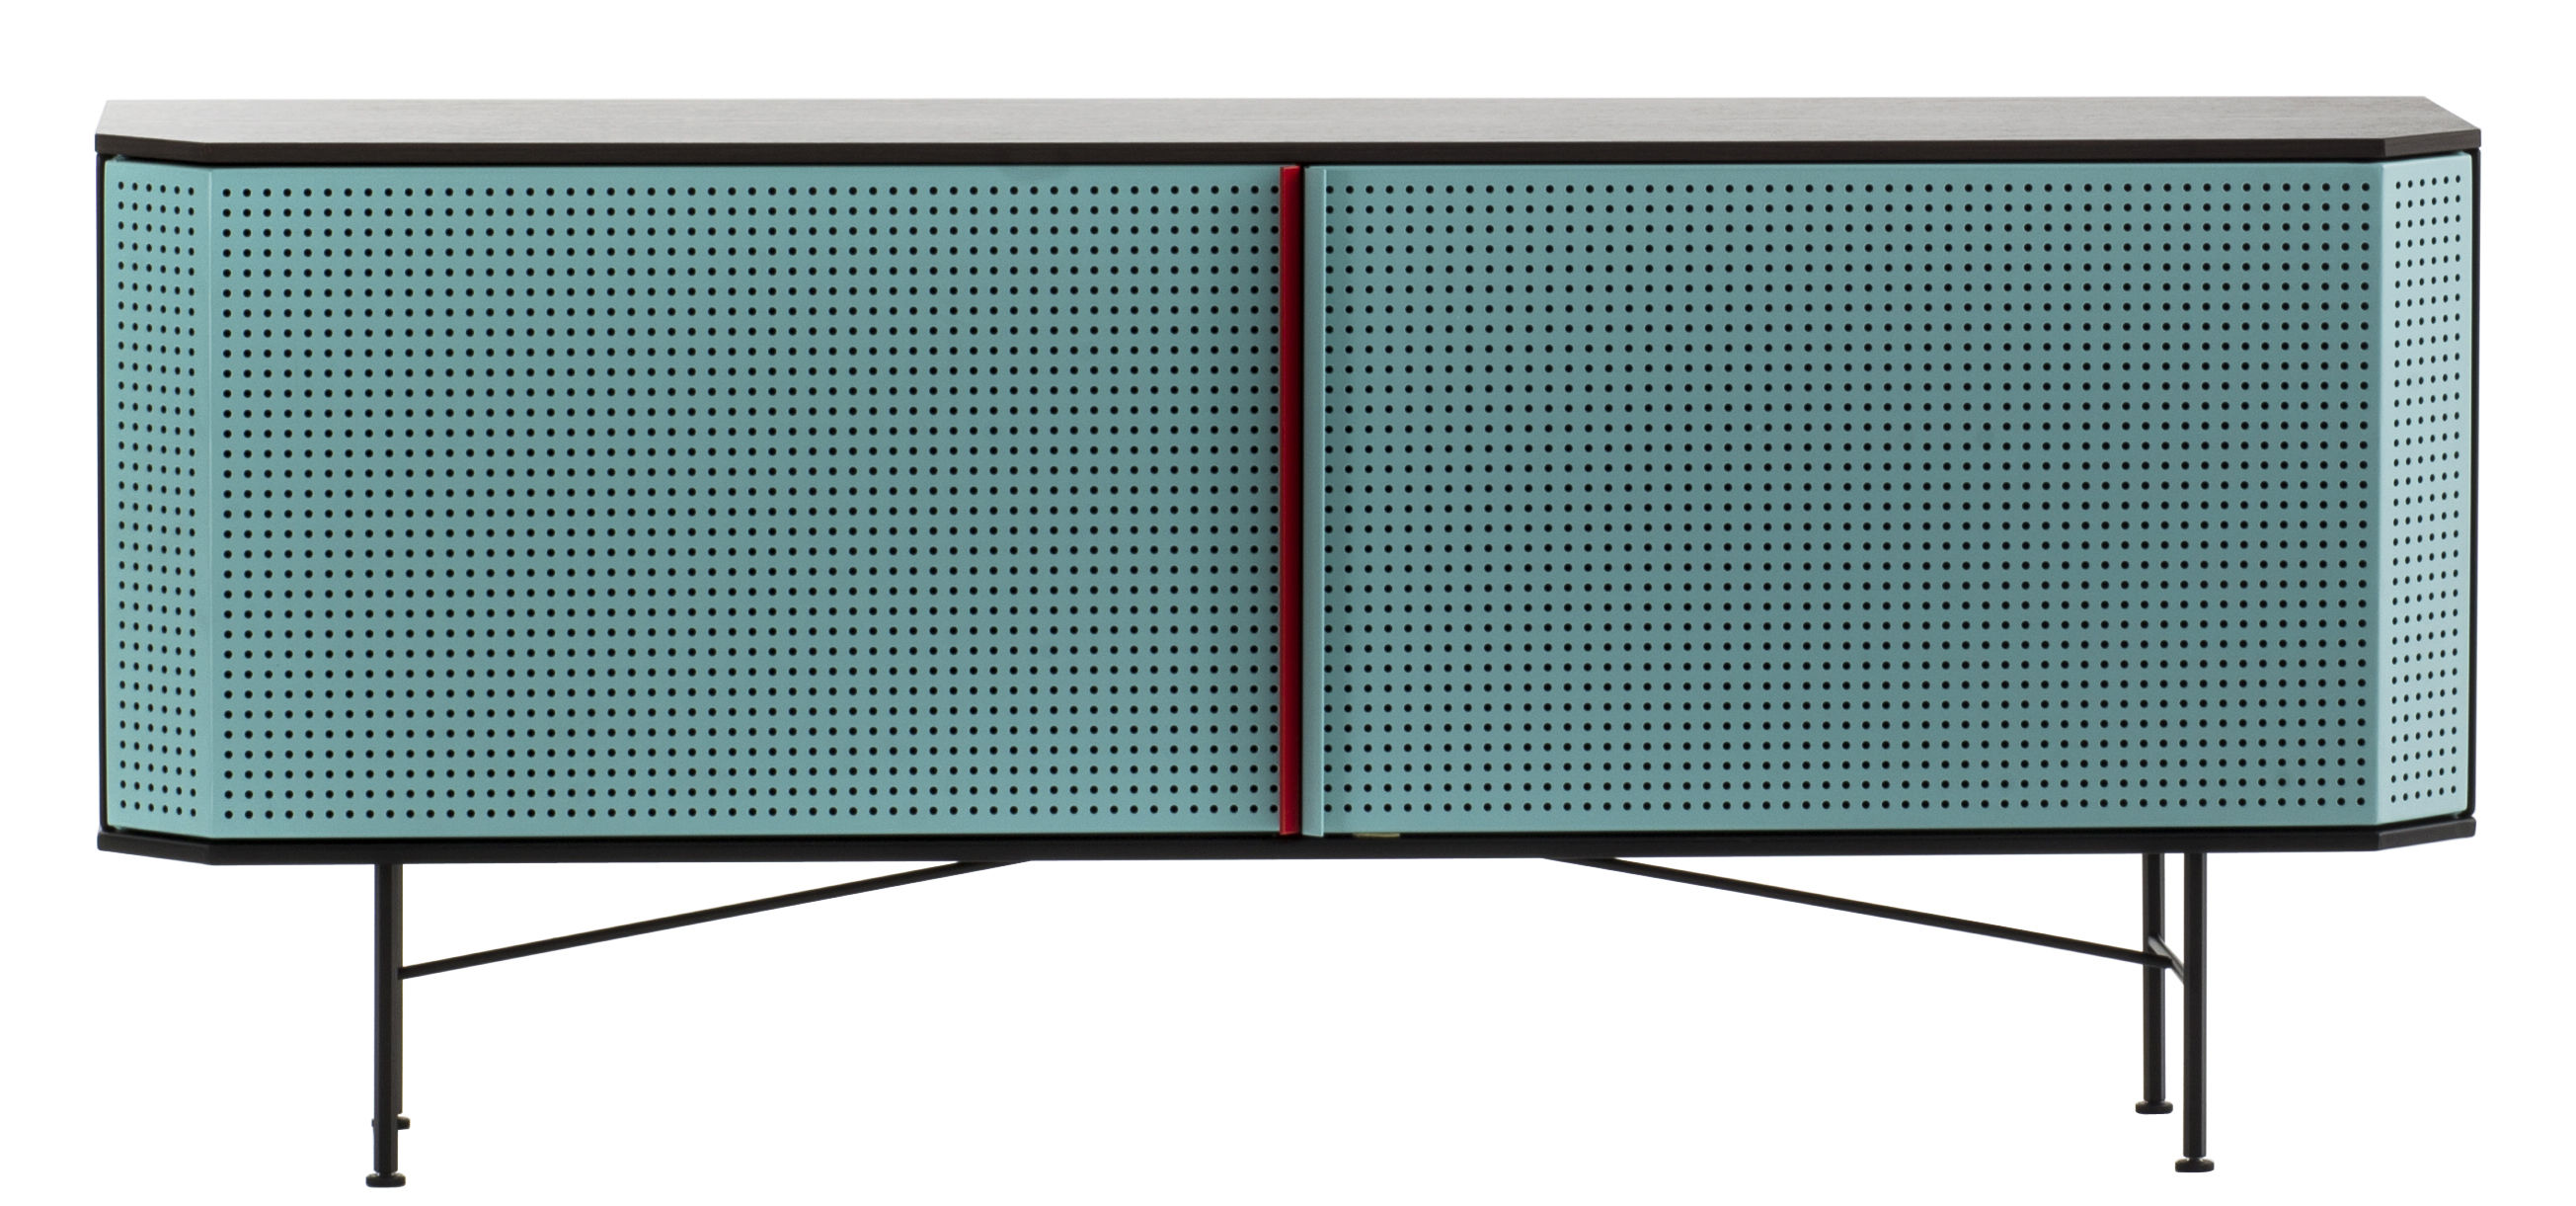 Arredamento - Contenitori, Credenze... - Buffet Perf - / l 150 cm di Diesel with Moroso - Verde / Listino per l'apertura sportelli rosso - Acciaio verniciato